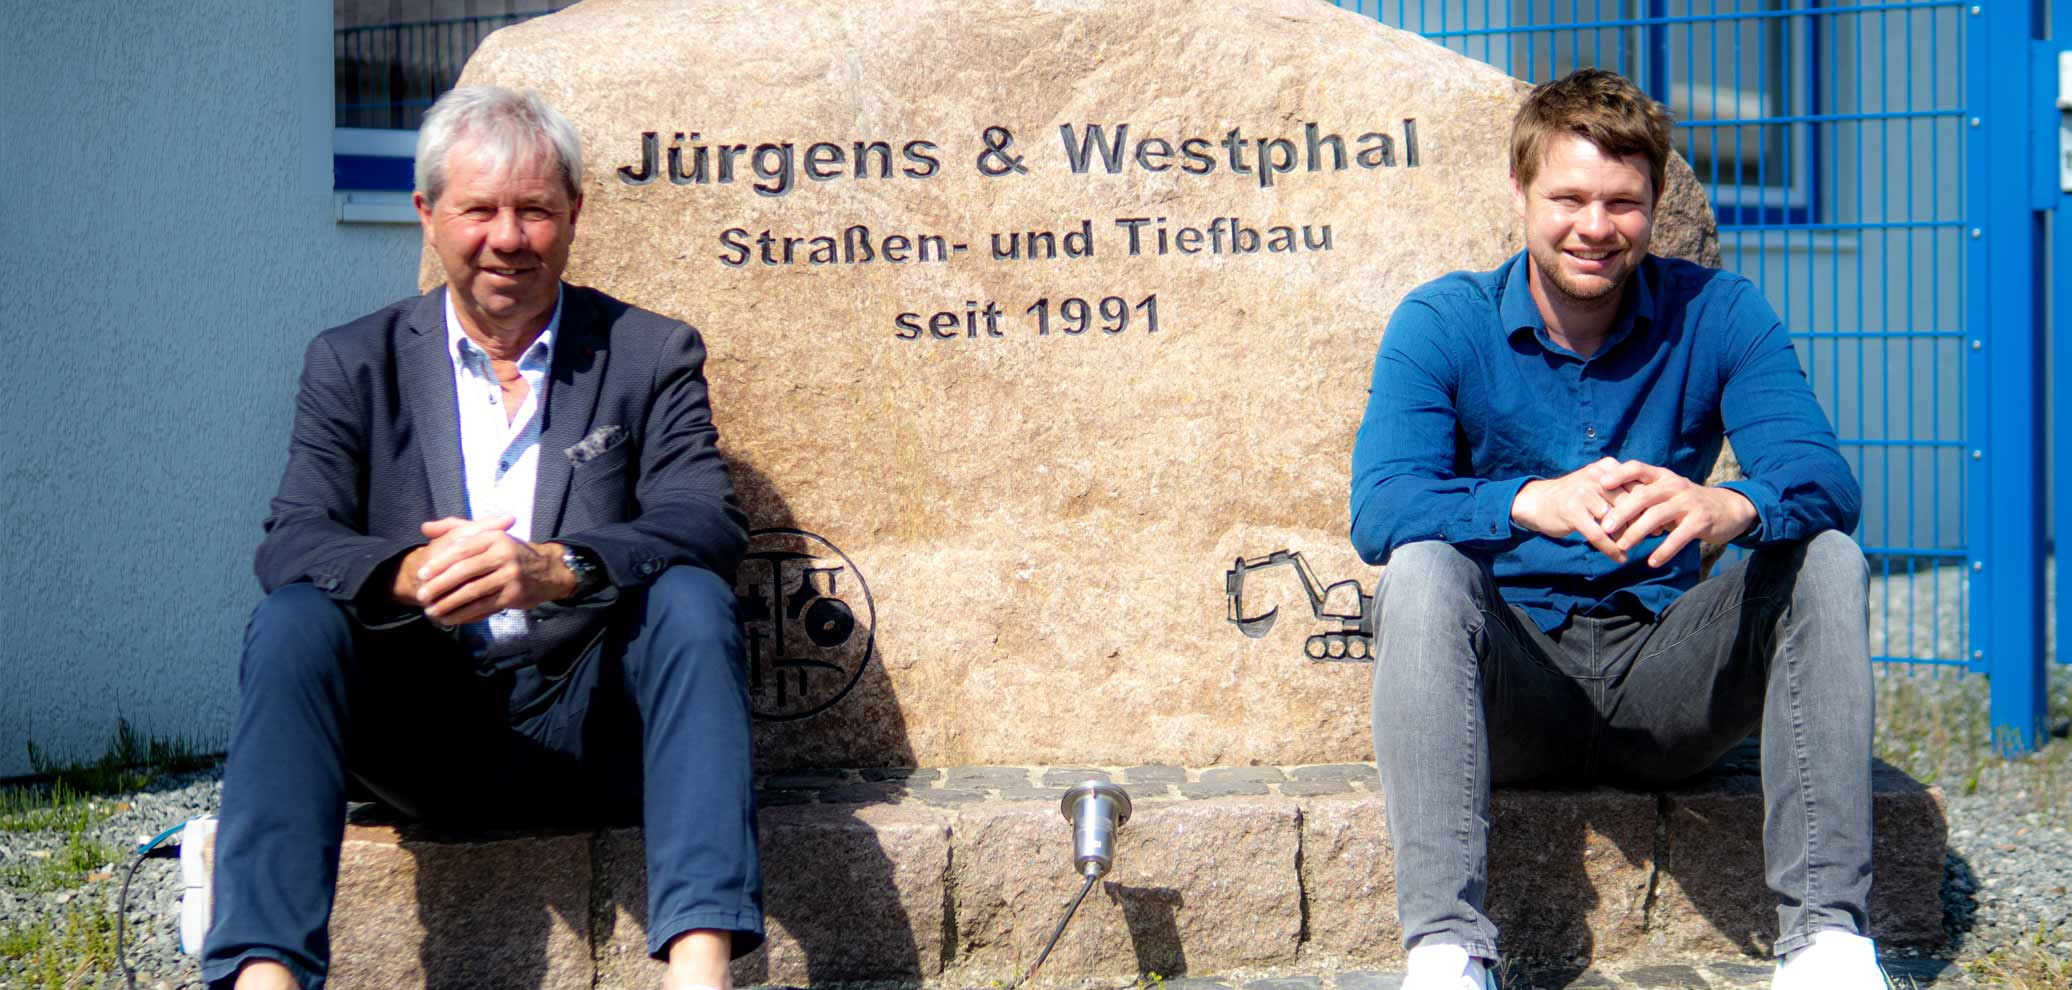 Juergens & Westphal Strassen und Tiefbau